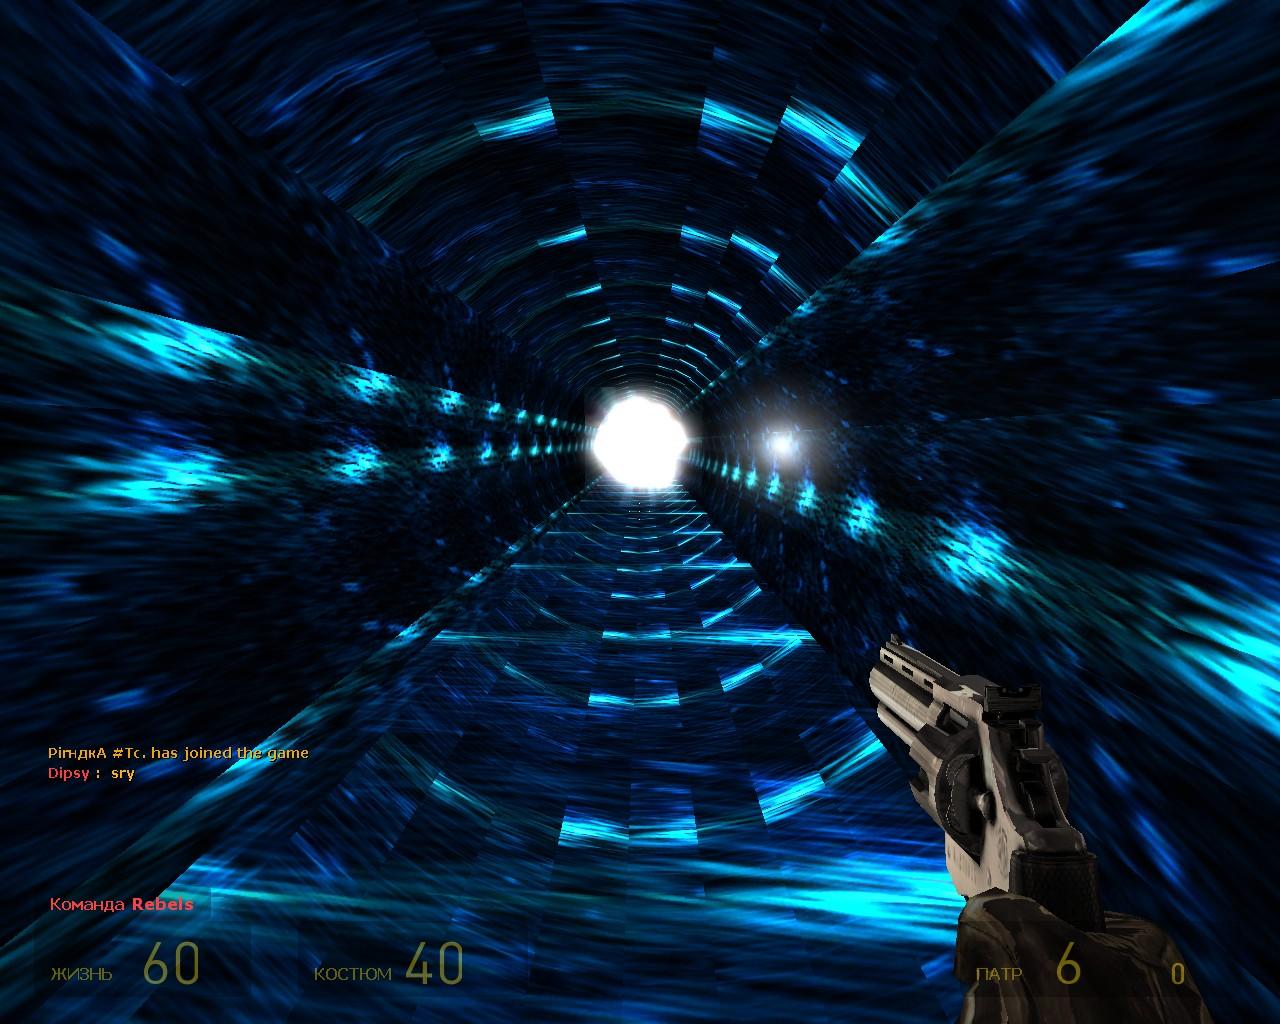 Half-life шокирует игровую индустрию сочетанием напряженного действия и непрерывного, затягивающего сюжета